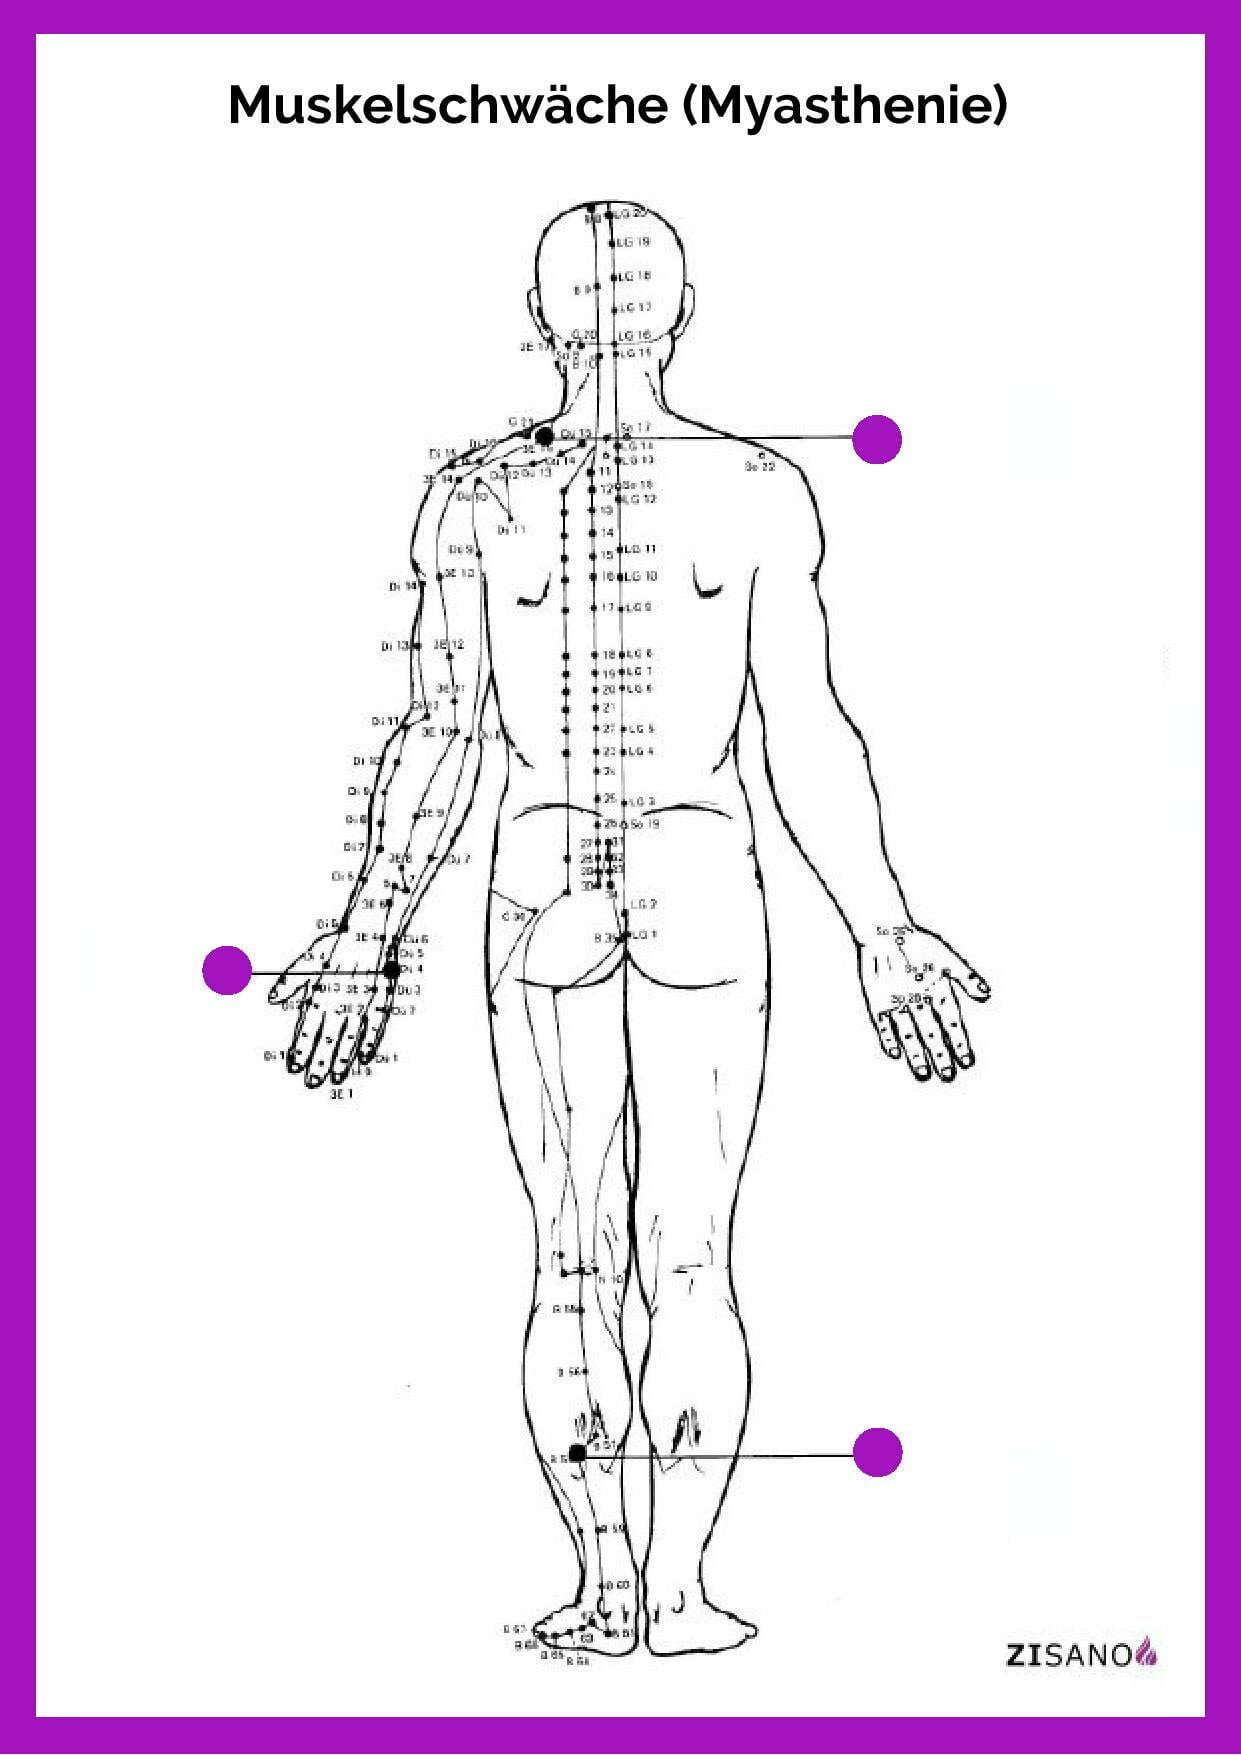 Meridiane - Muskelschwäche - Myasthenie - Beschwerden